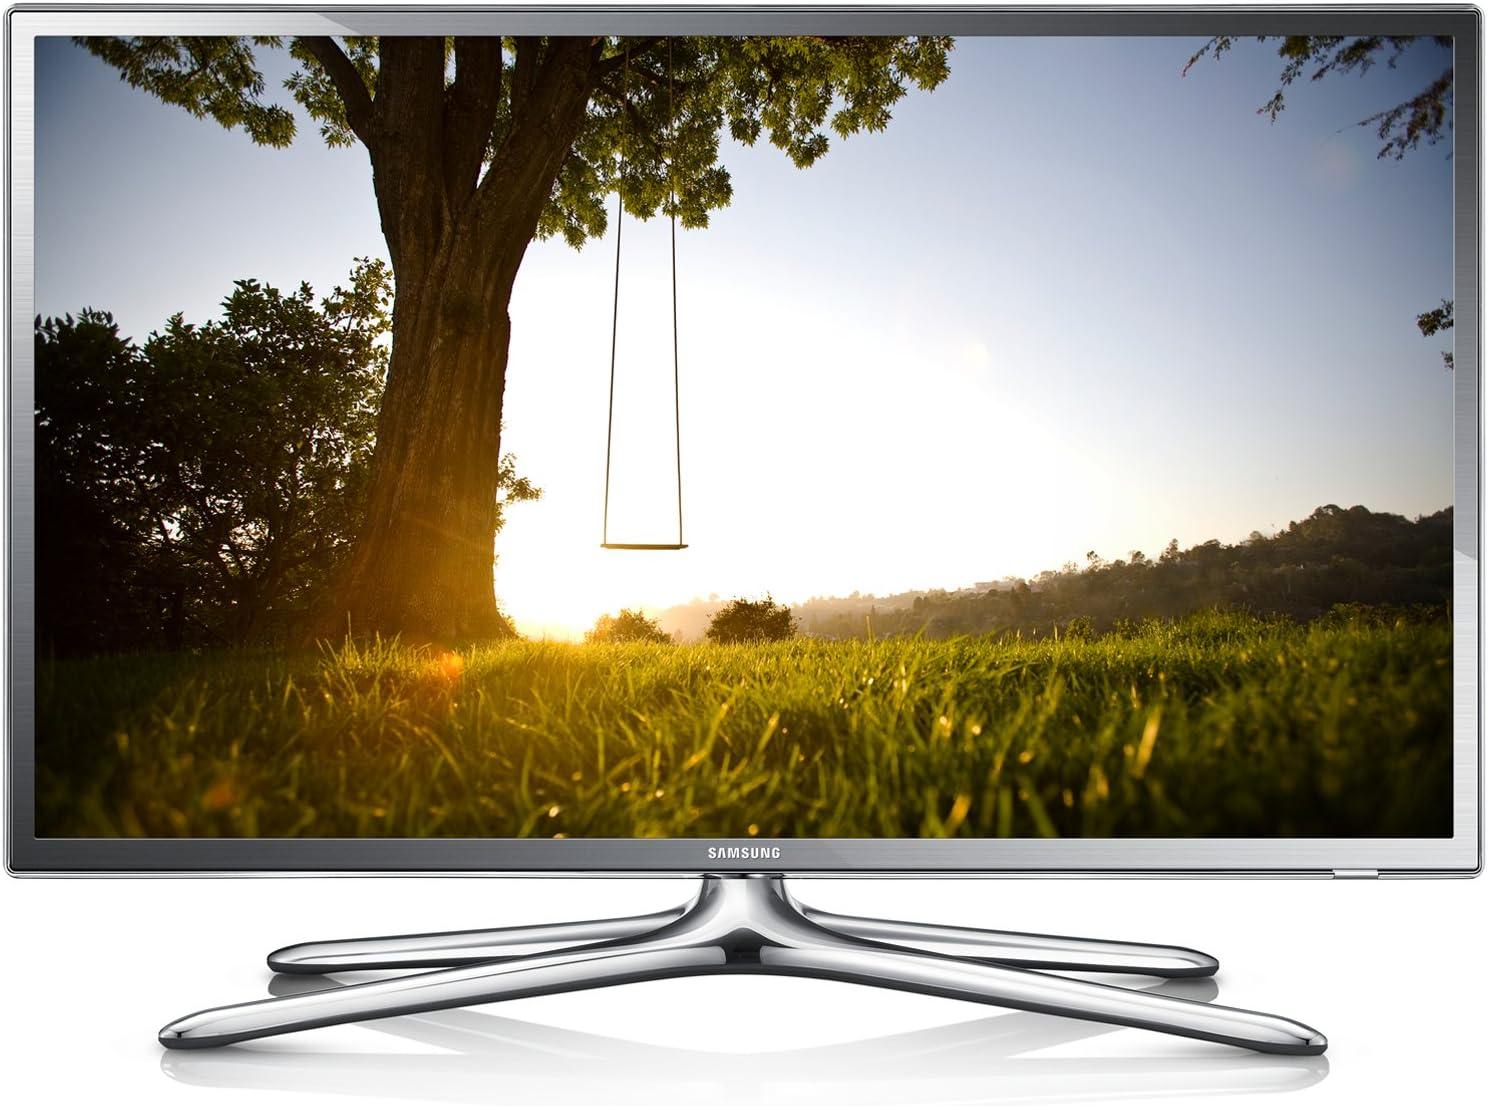 Samsung UE46F6400 - TV: Amazon.es: Electrónica